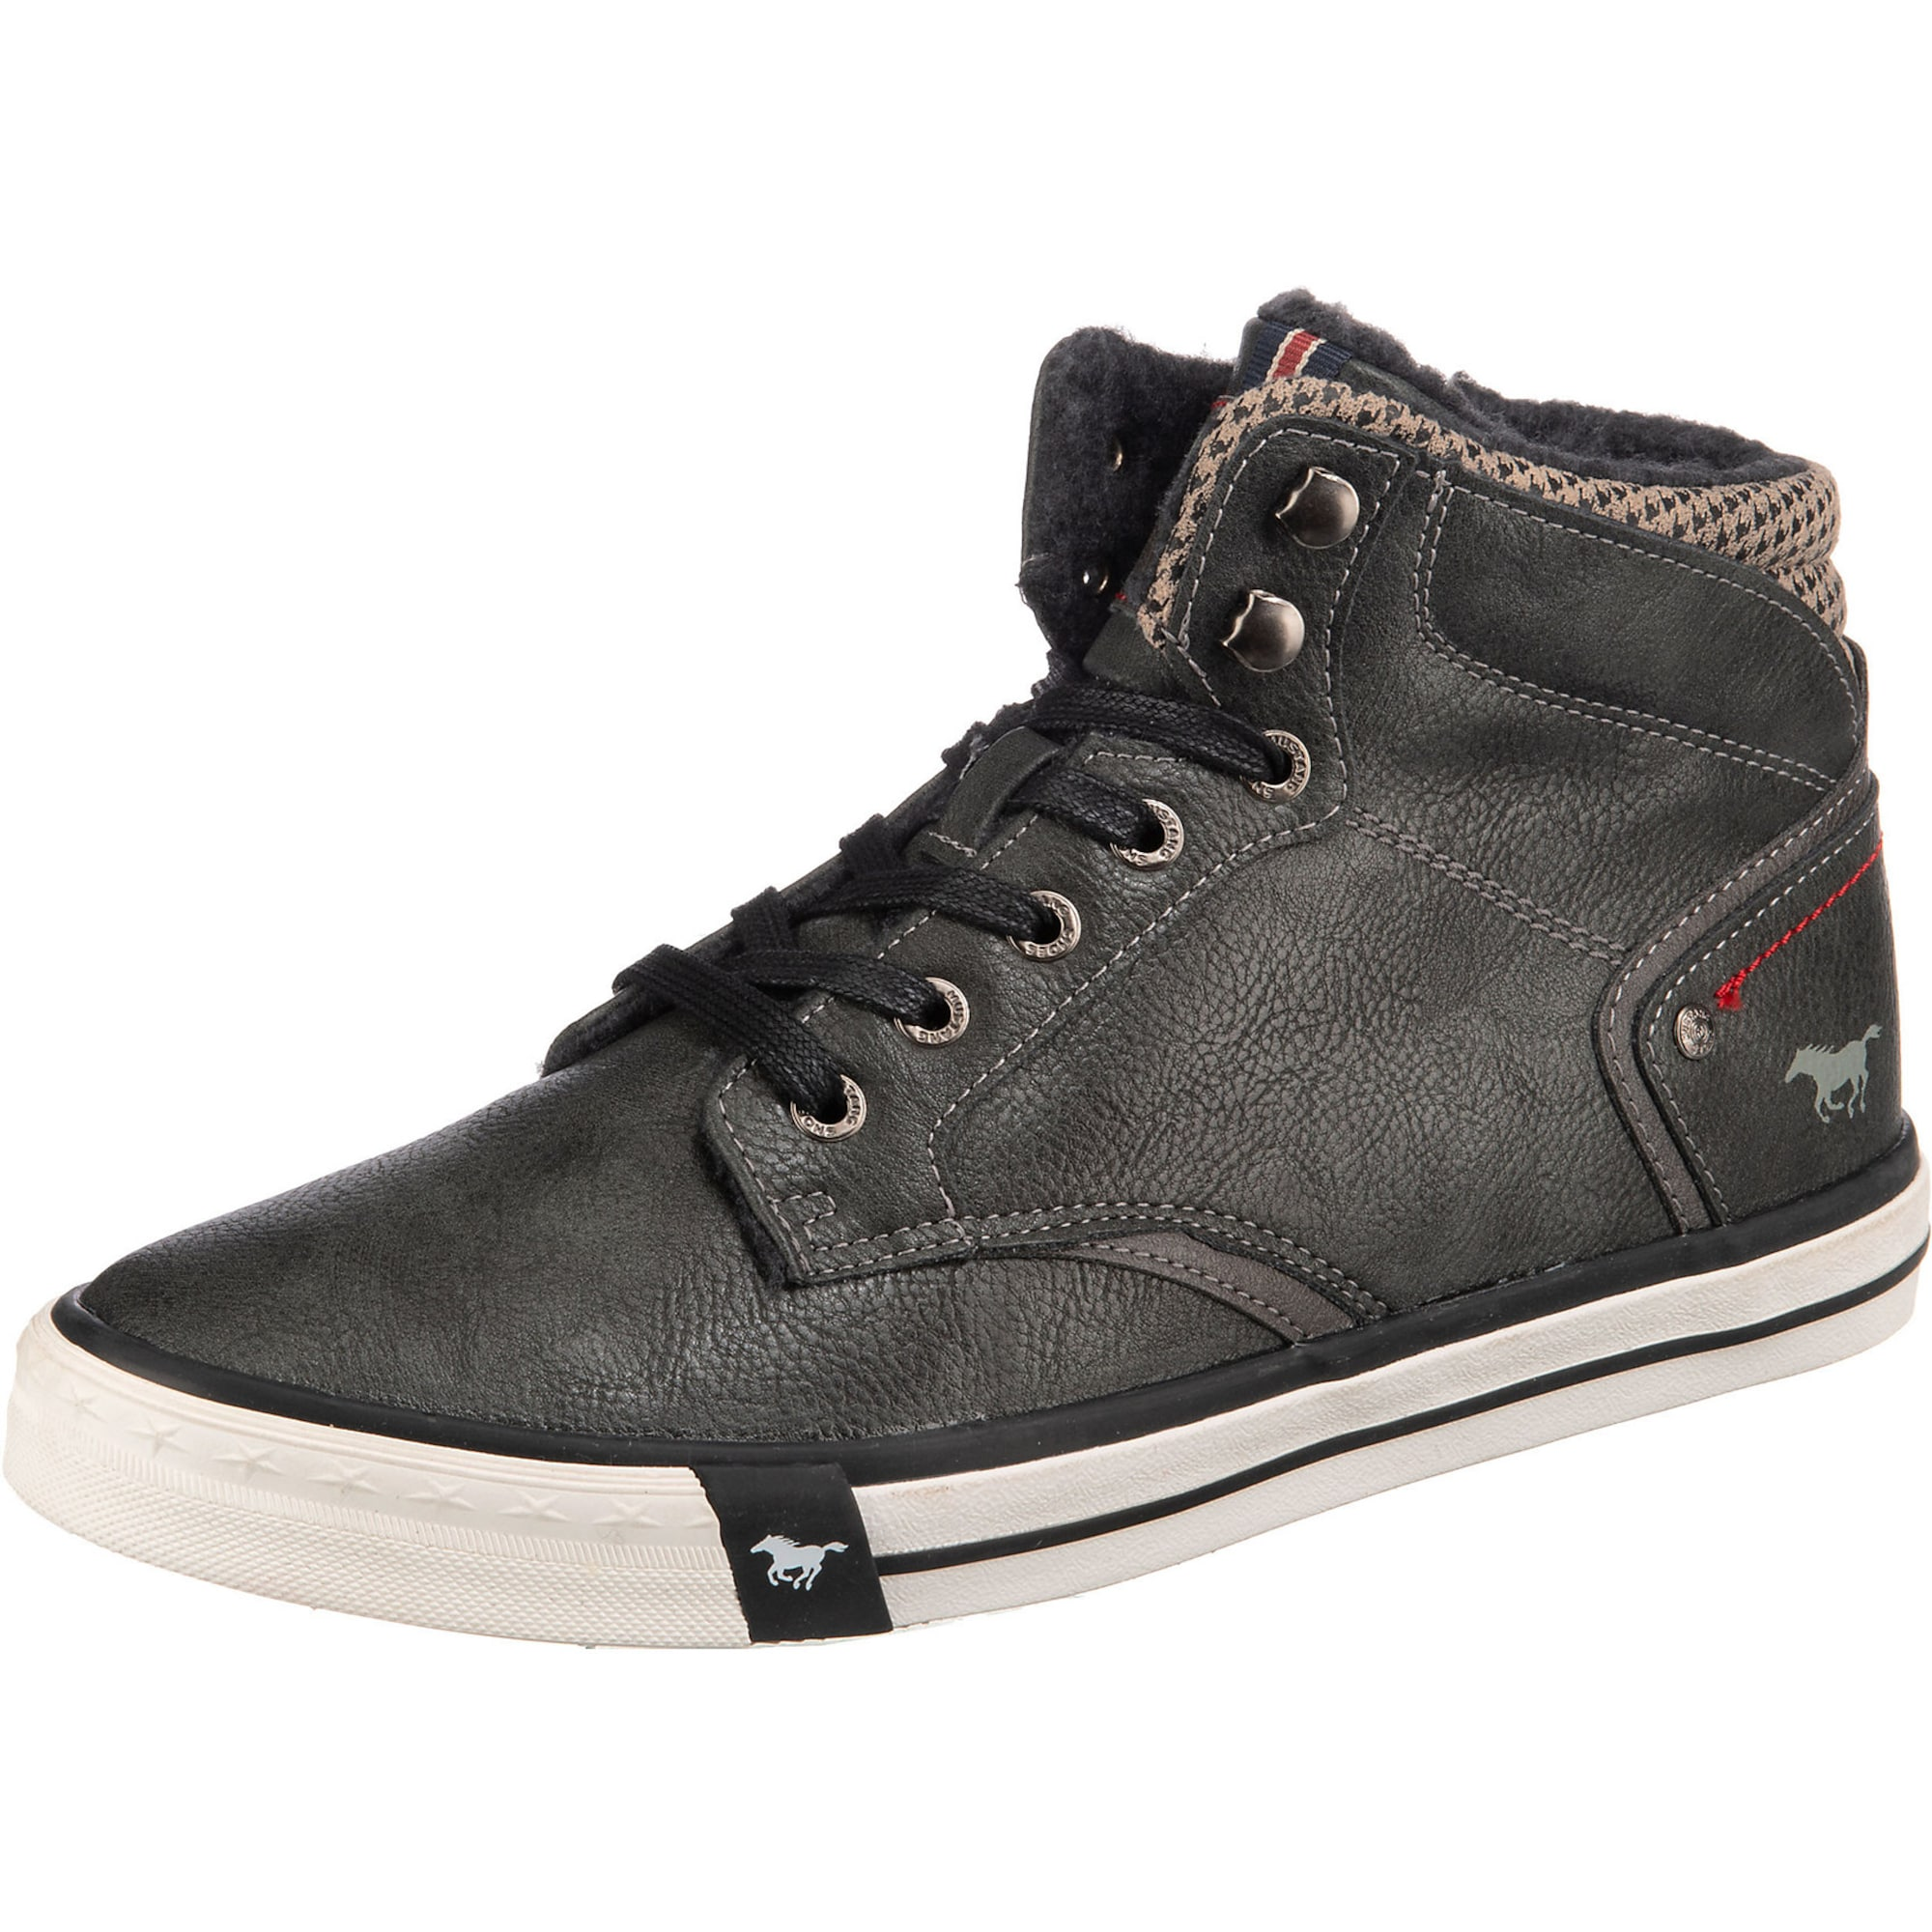 MUSTANG Auliniai batai su raišteliais antracito / rausvai pilka / šviesiai ruda